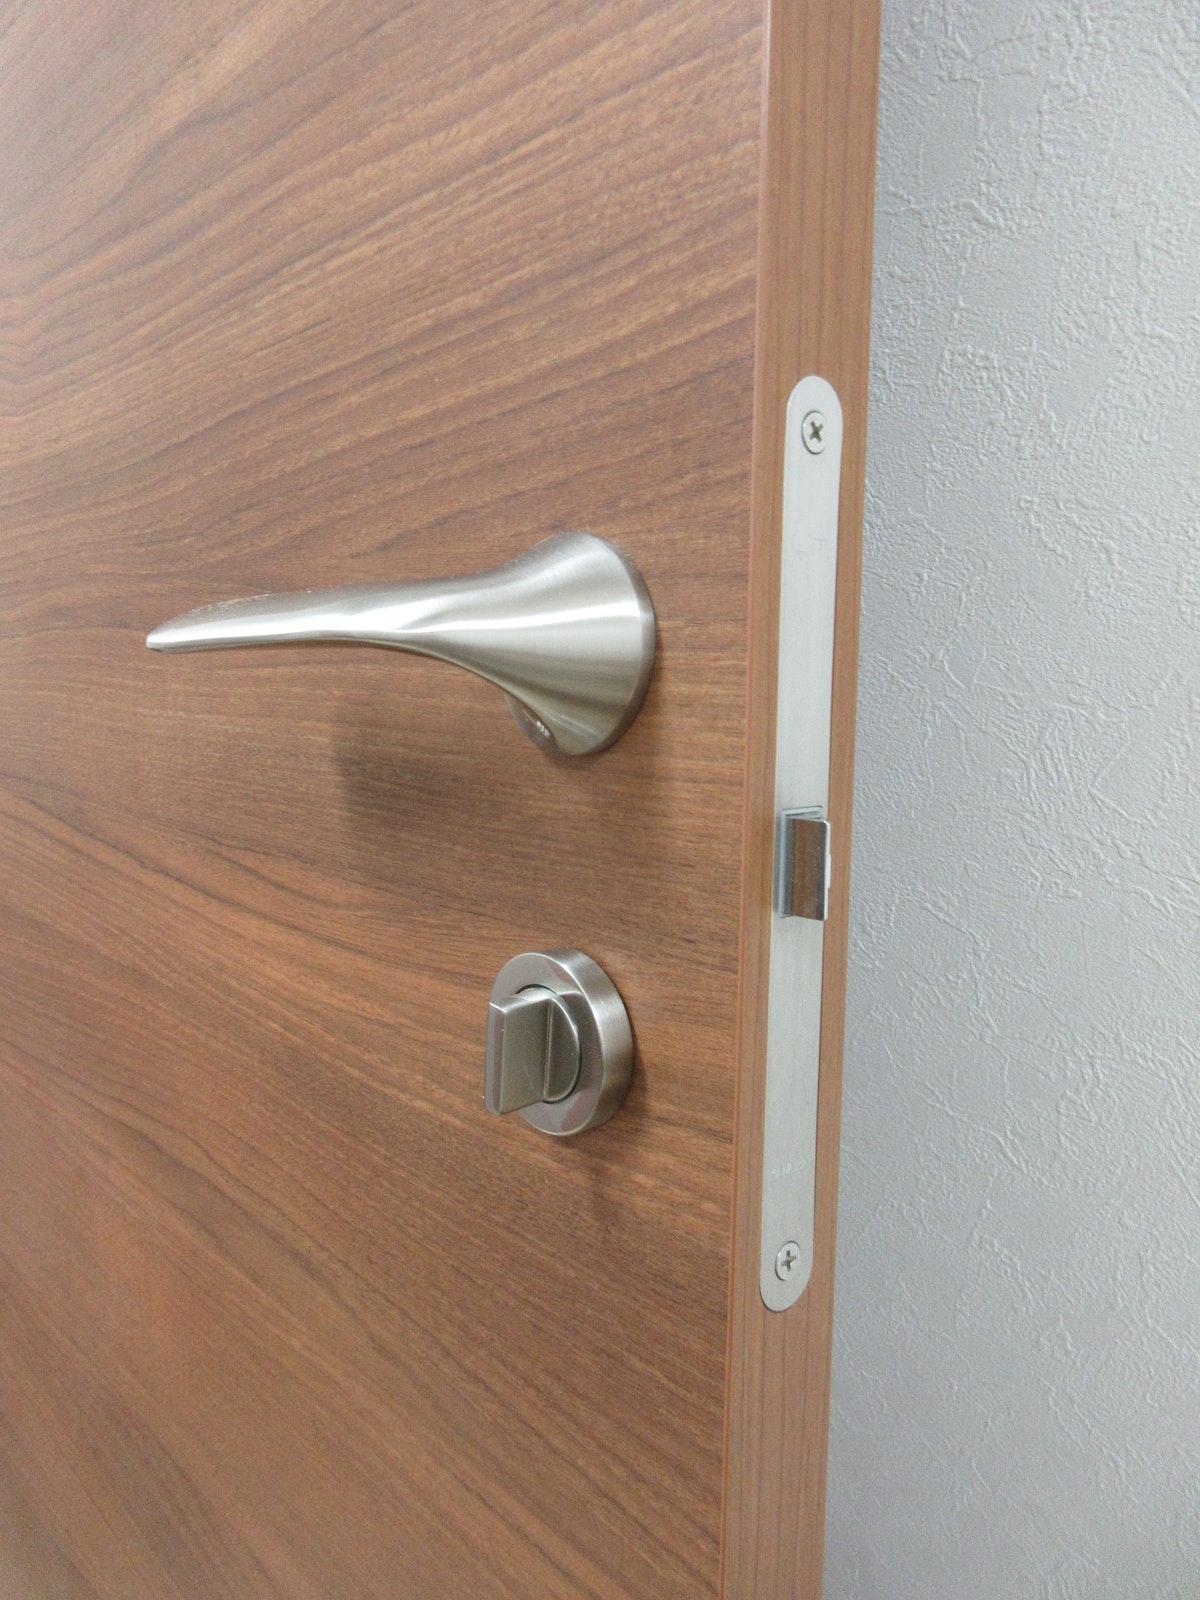 ドアの金具 ドアハンドル 建具